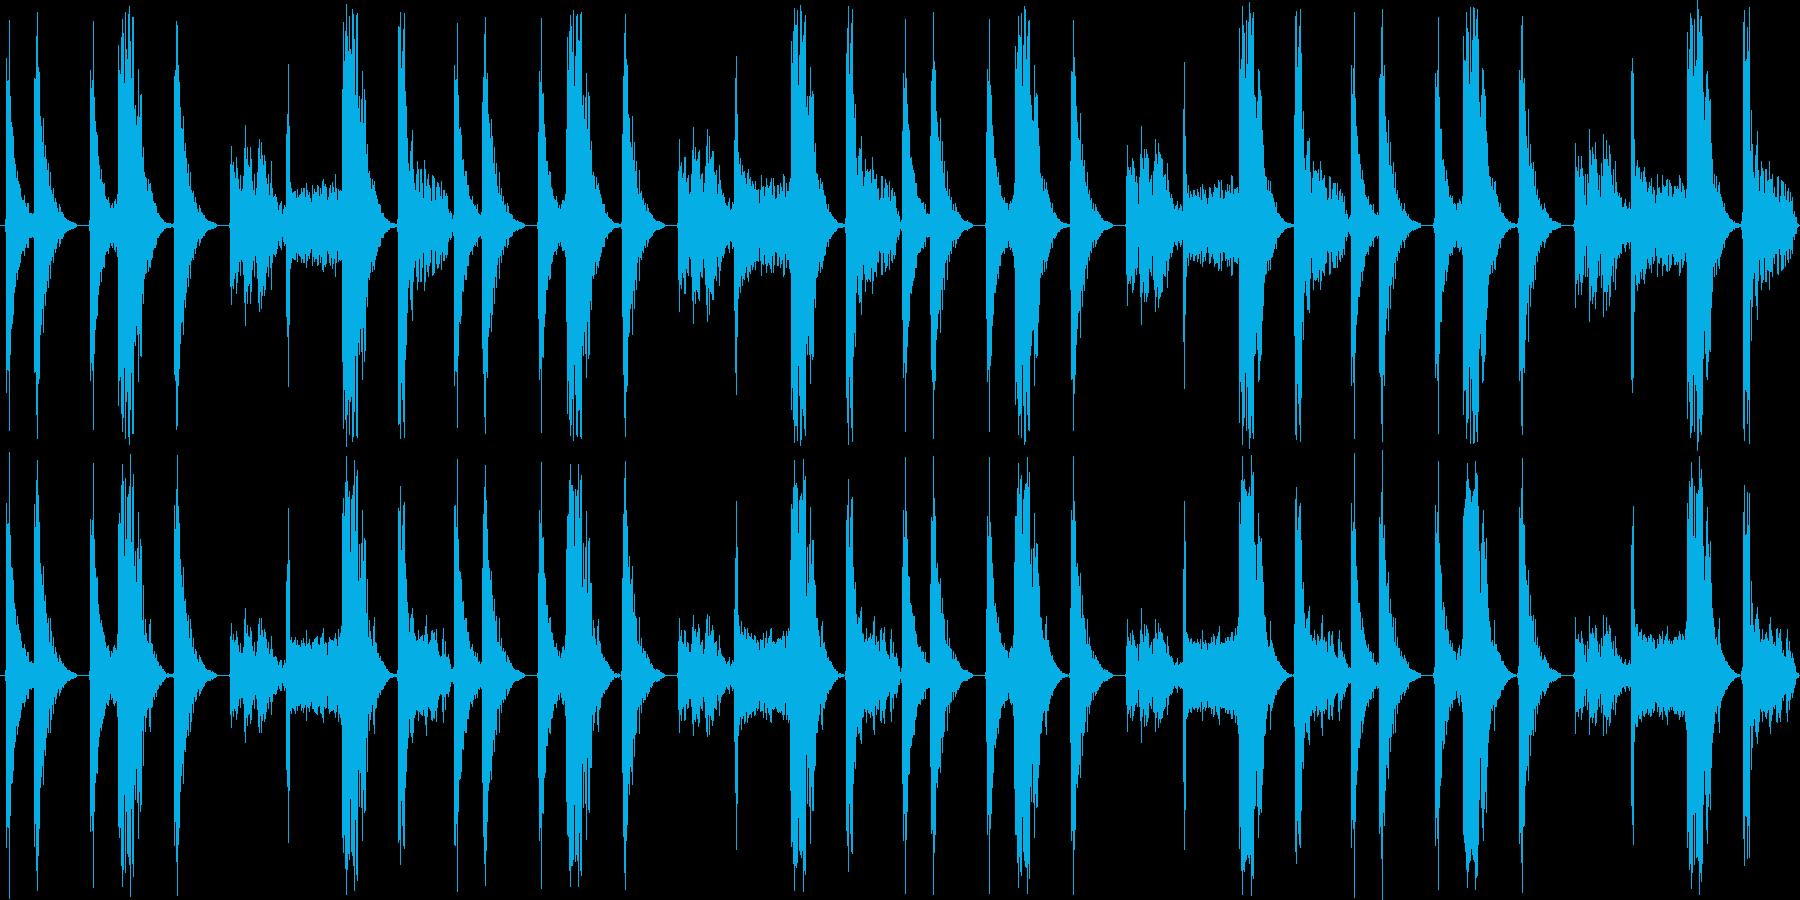 【シンキングタイム/ハウスドラムロール】の再生済みの波形